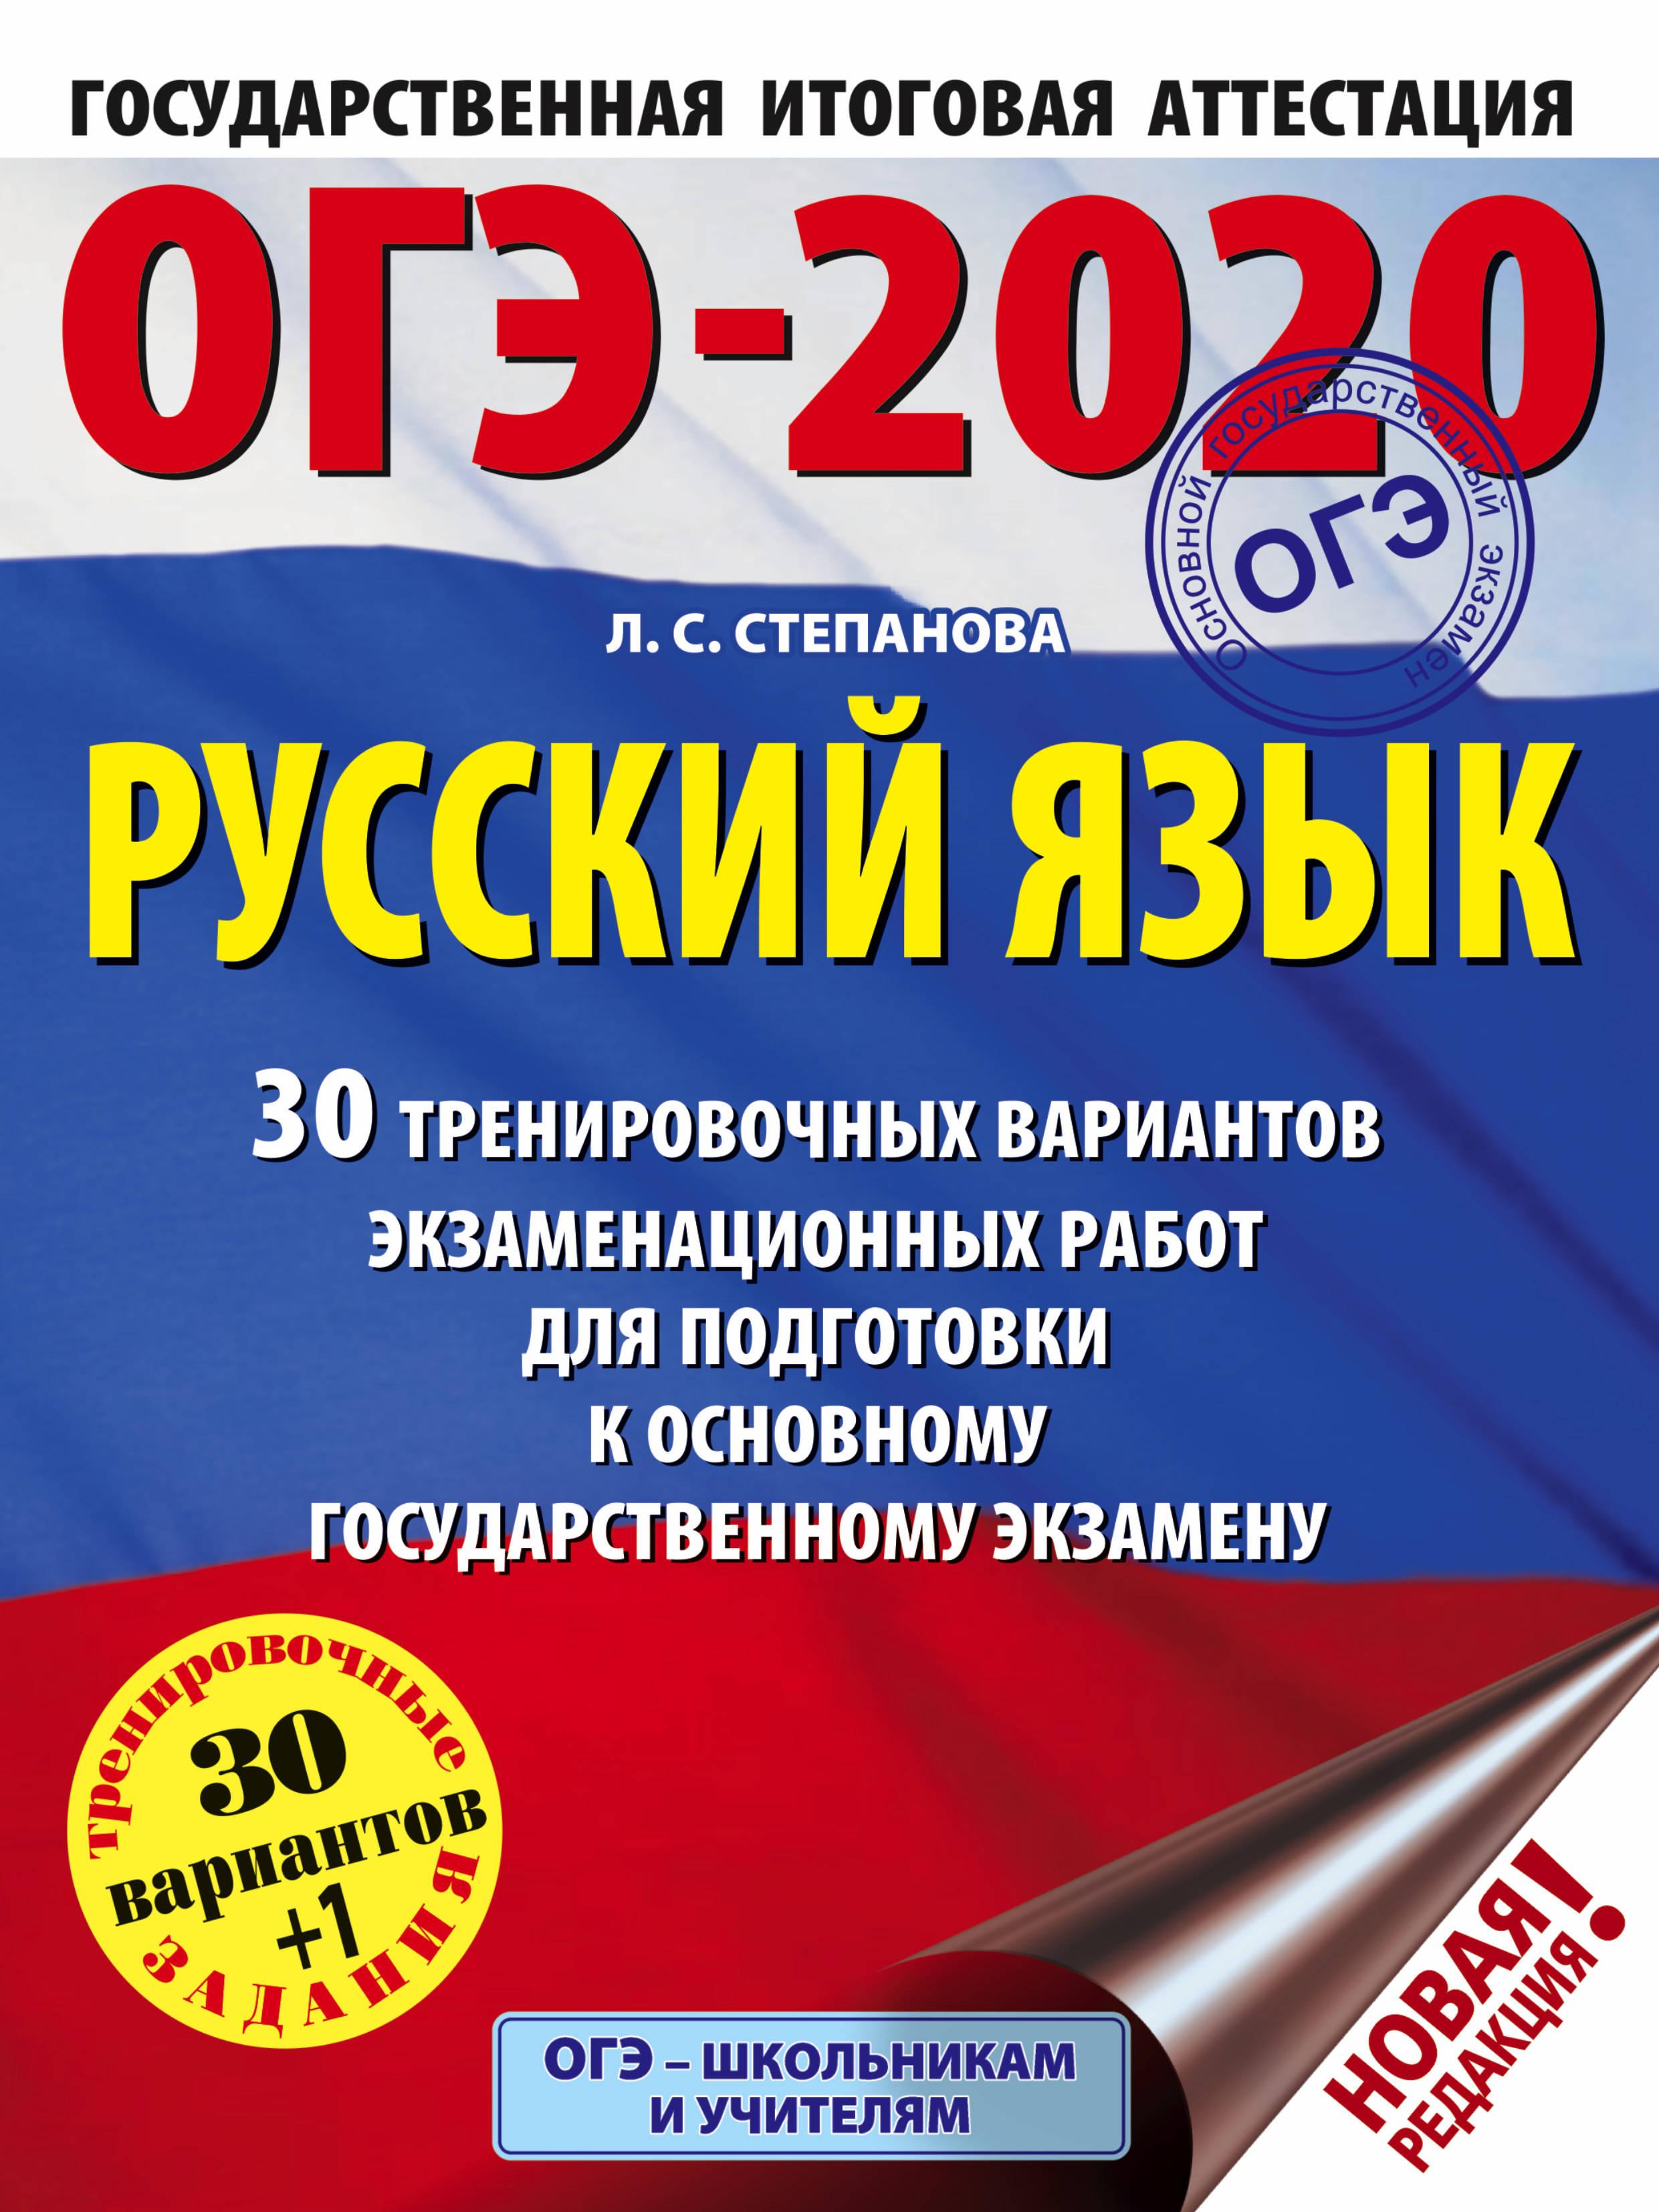 OGE-2020. Russkij jazyk (60kh84/8) 30 trenirovochnykh variantov ekzamenatsionnykh rabot dlja podgotovki k OGE